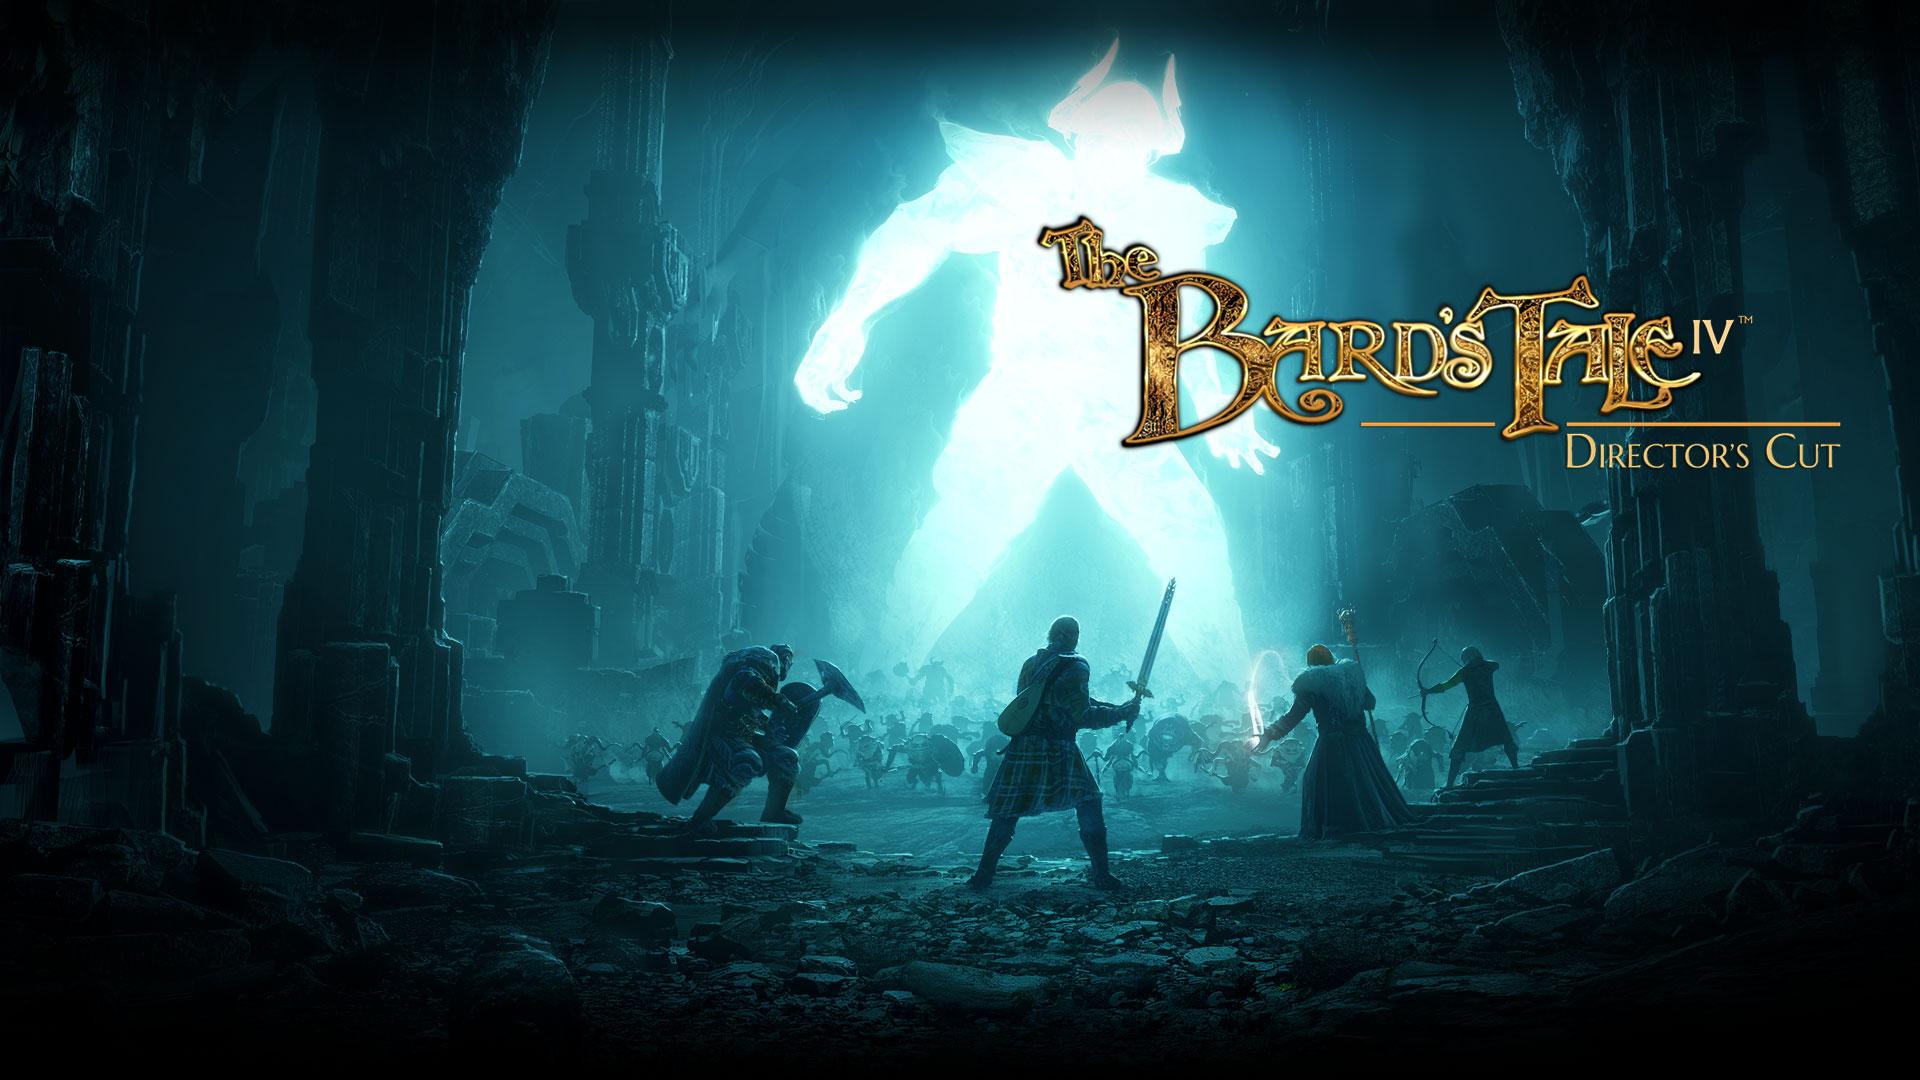 The Bard's Tale IV: Director's Cut. Muchas personas que pelean contra una brillante criatura gigante en una gran sala con pilares de piedra